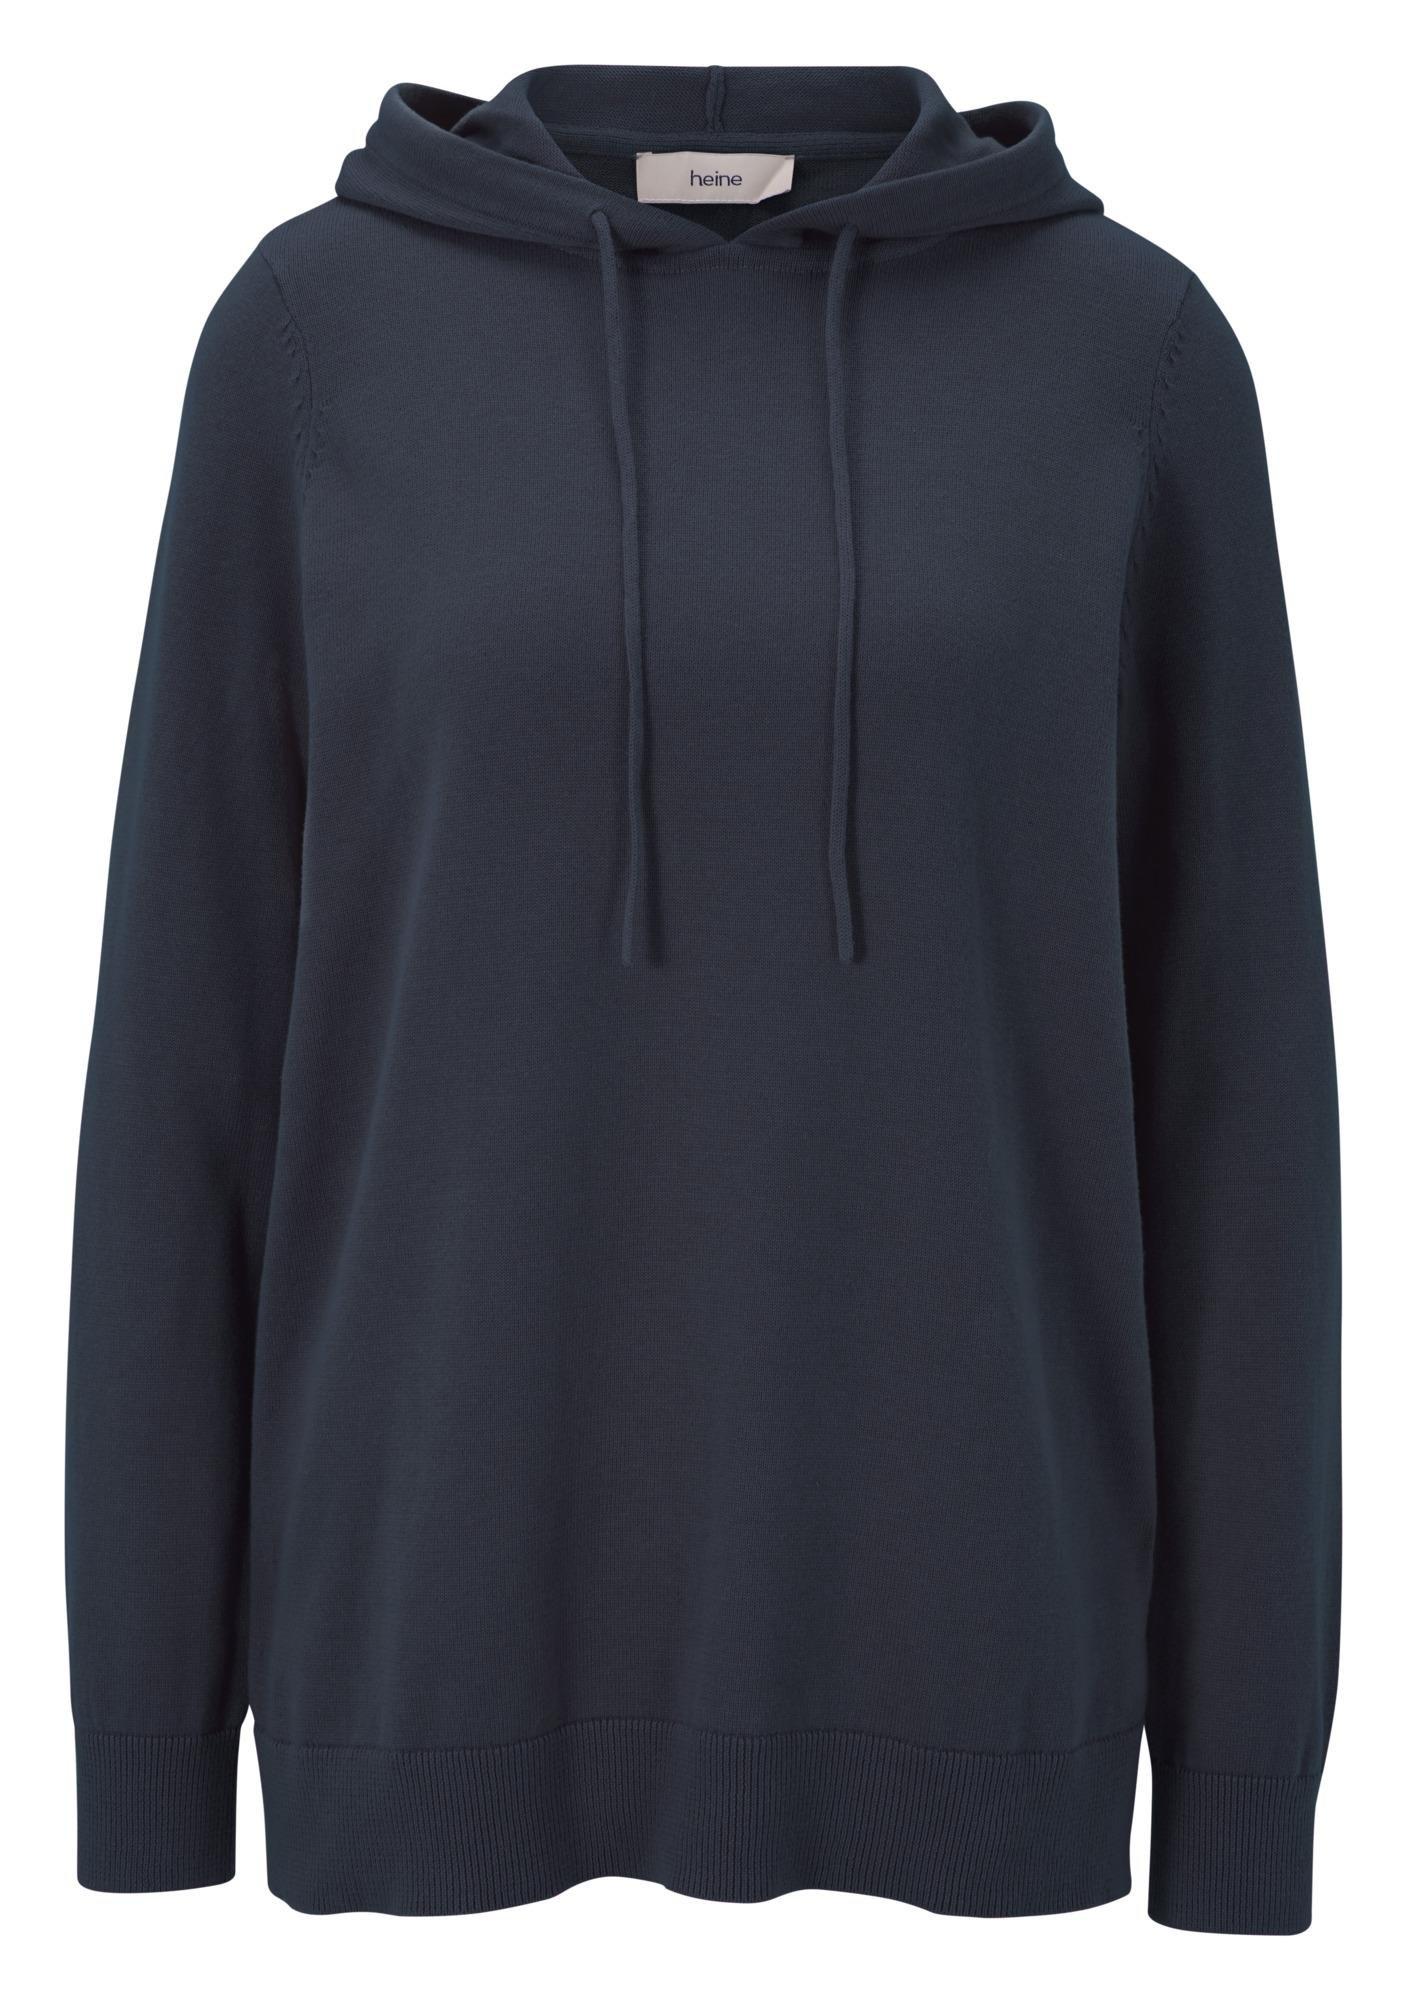 heine Fijngebreide trui goedkoop op otto.nl kopen